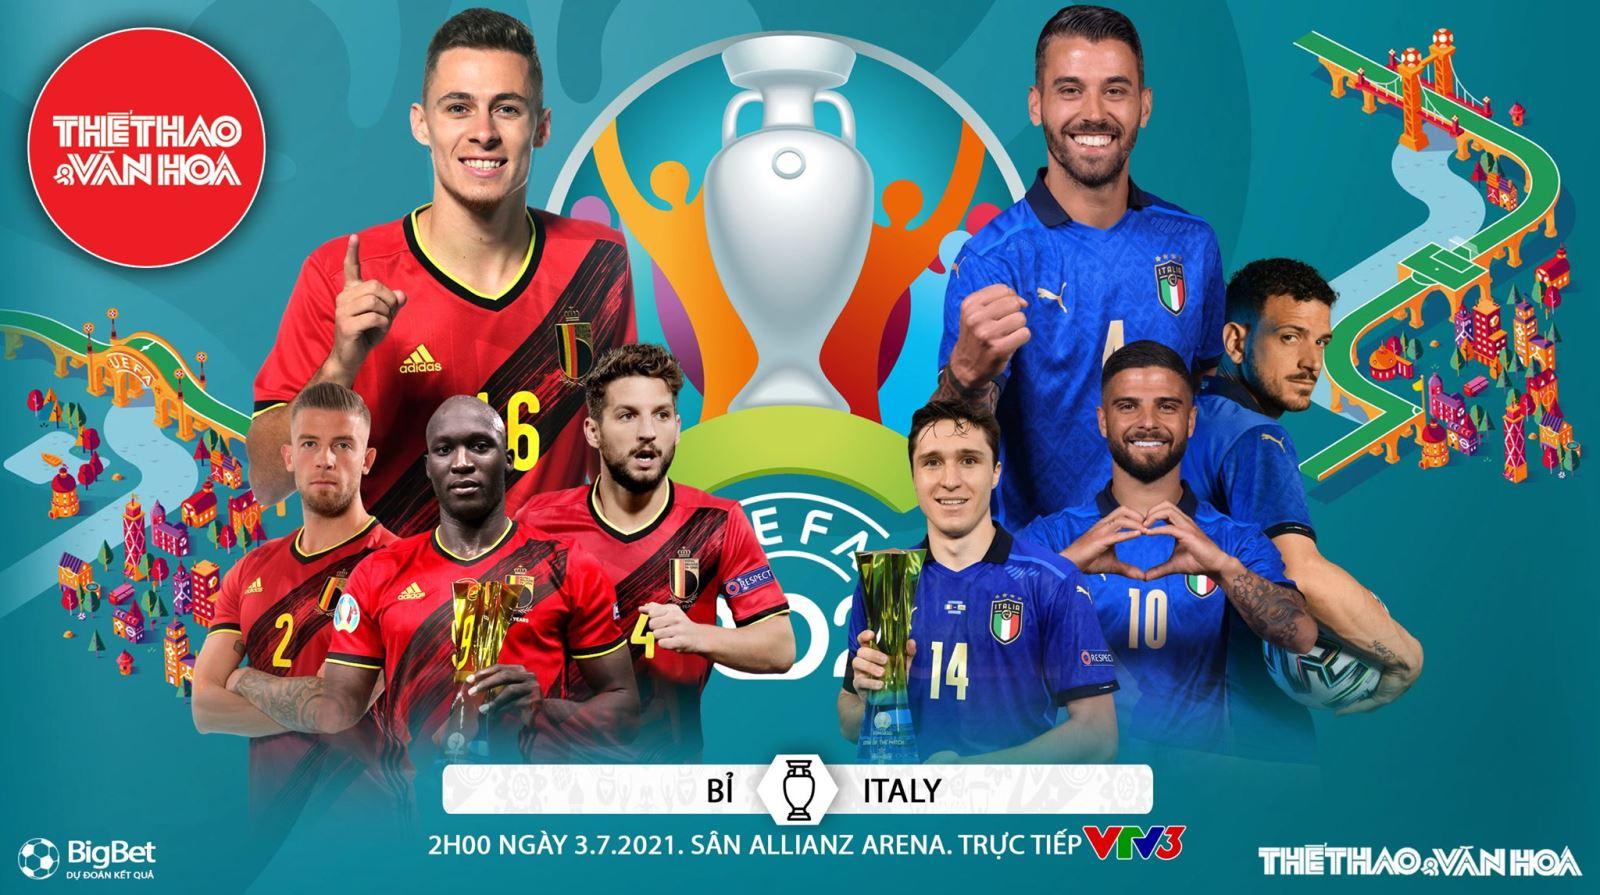 Xem trực tiếp bóng đá Bỉ vs Ý, VTV3, VTV6 Truc tiep bong da, Link xem trực tiếp bóng đá hôm nay, Ý vs Bỉ, Kèo nhà cái, xem bóng đá trực tuyến Y vs Bỉ, EURO 2021 tứ kết